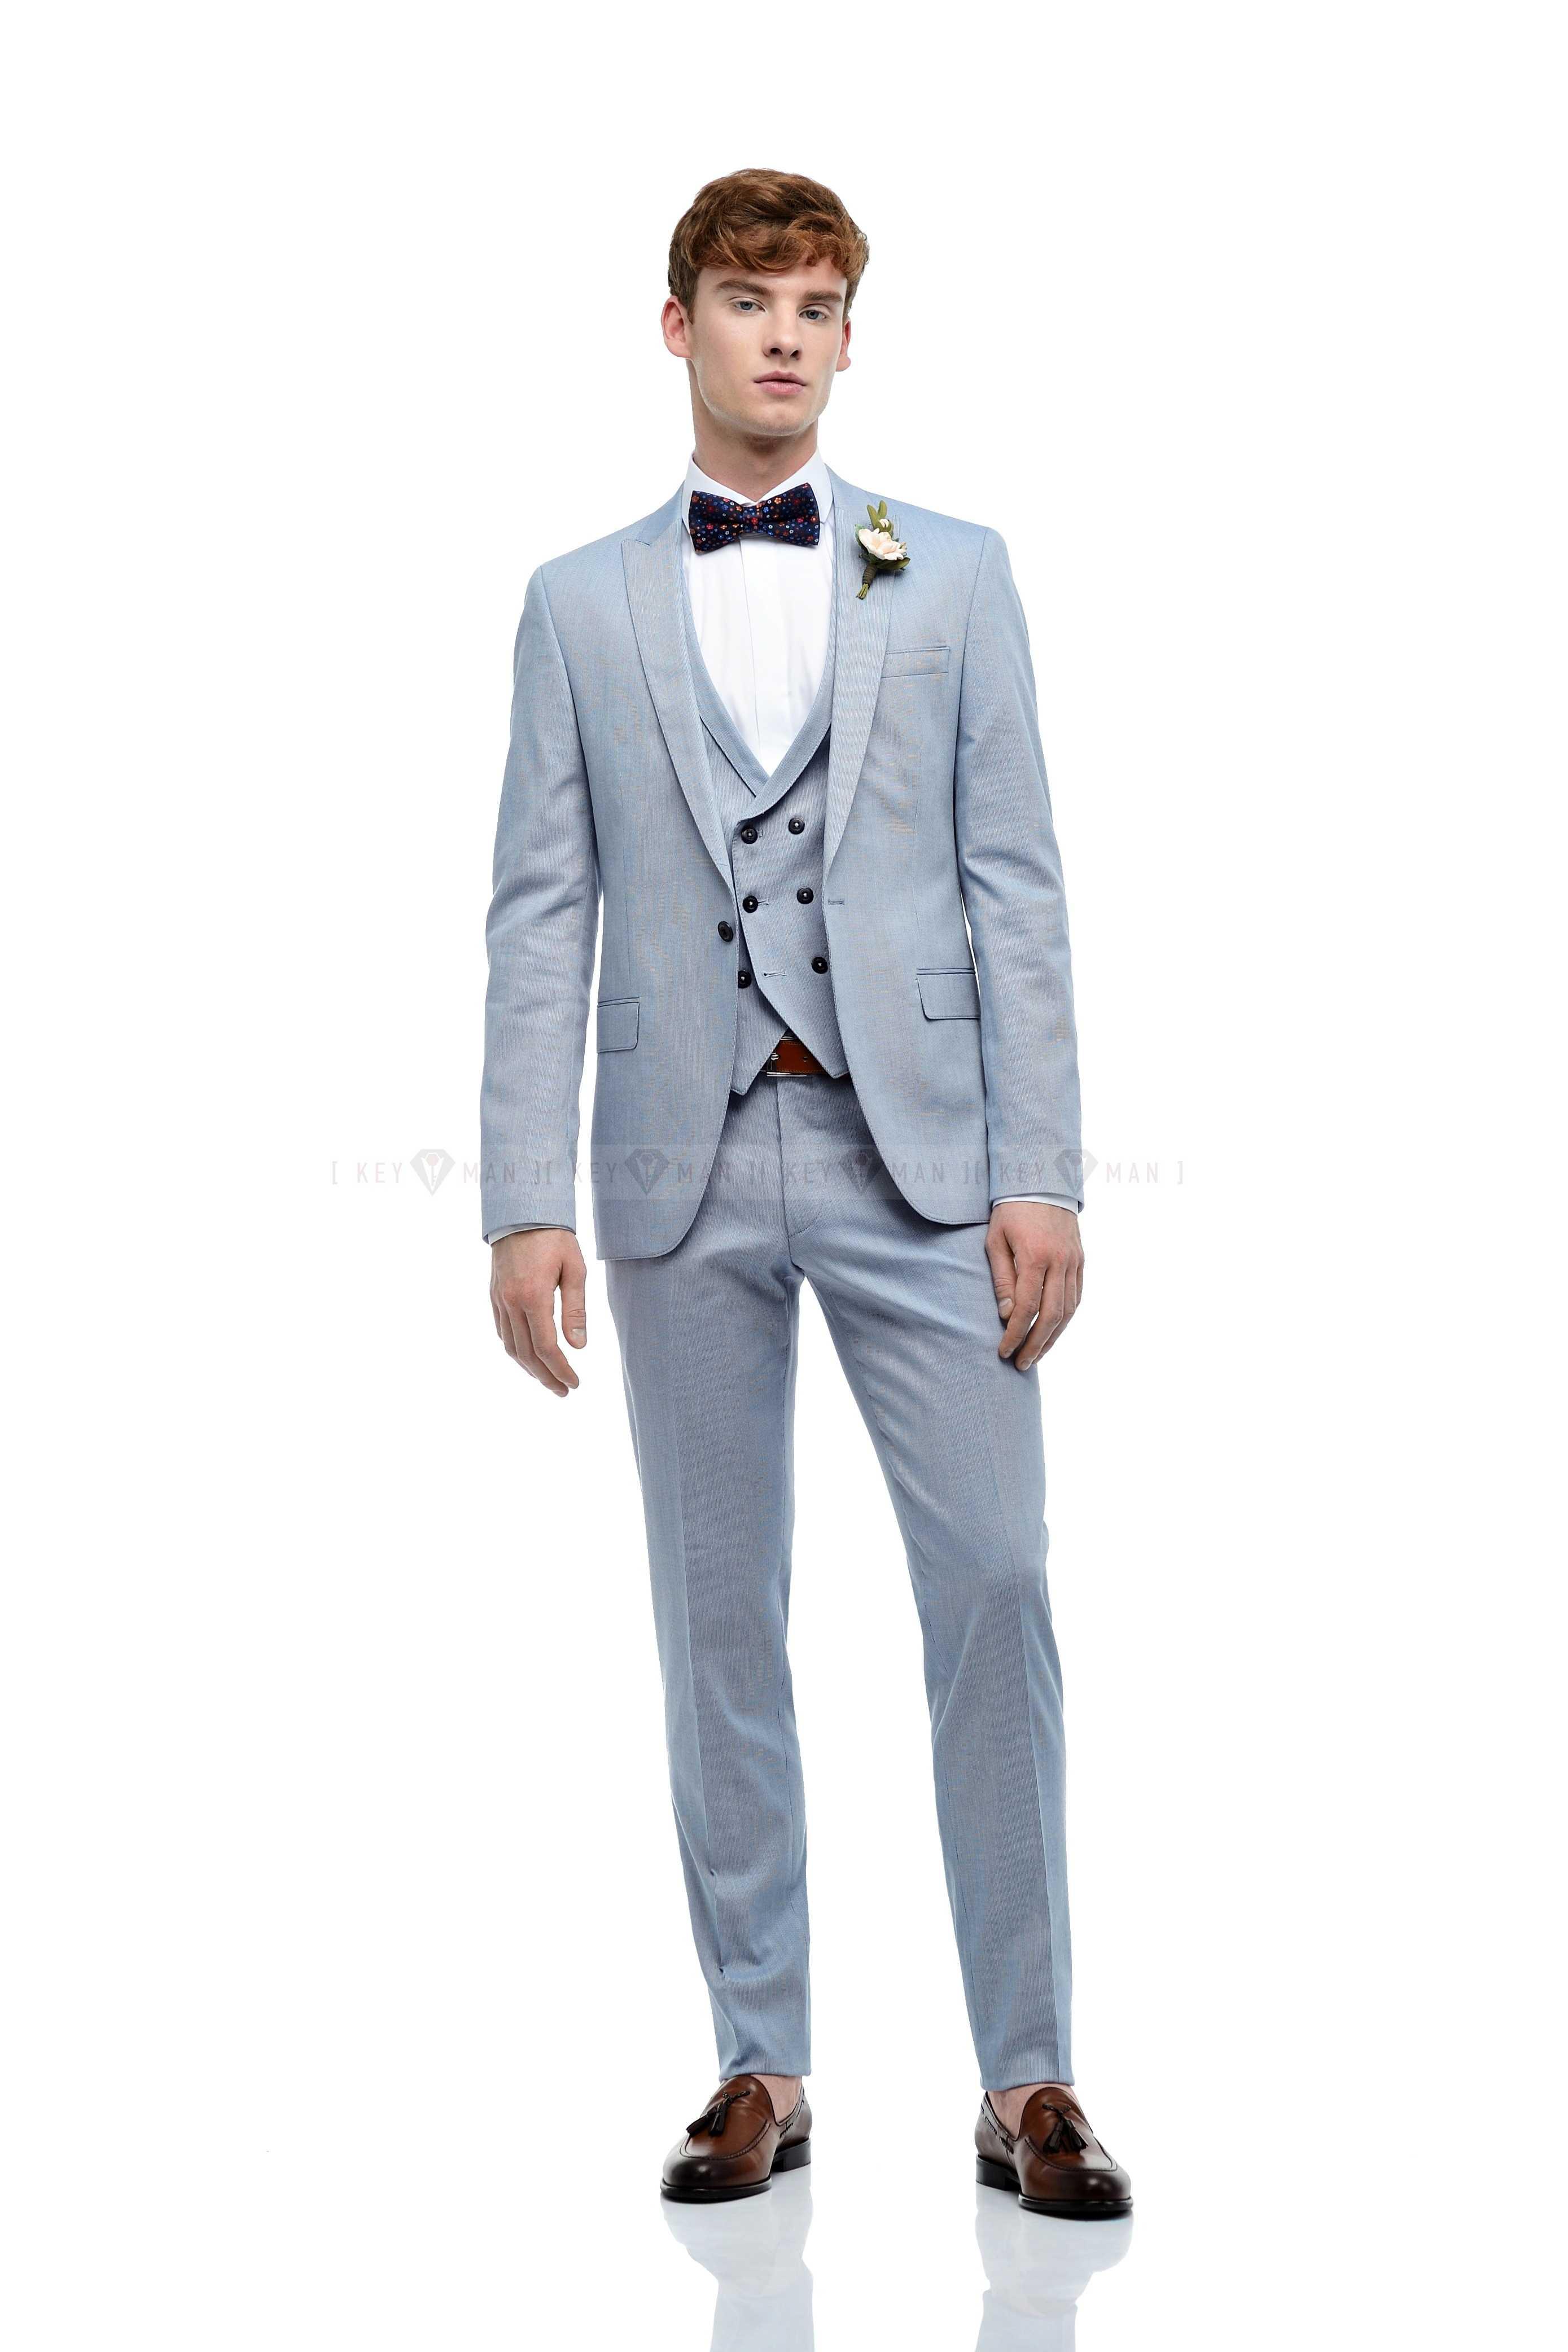 Костюм мужской хлопковый, голубой, полосатая фактура, тройка (с жилетом)